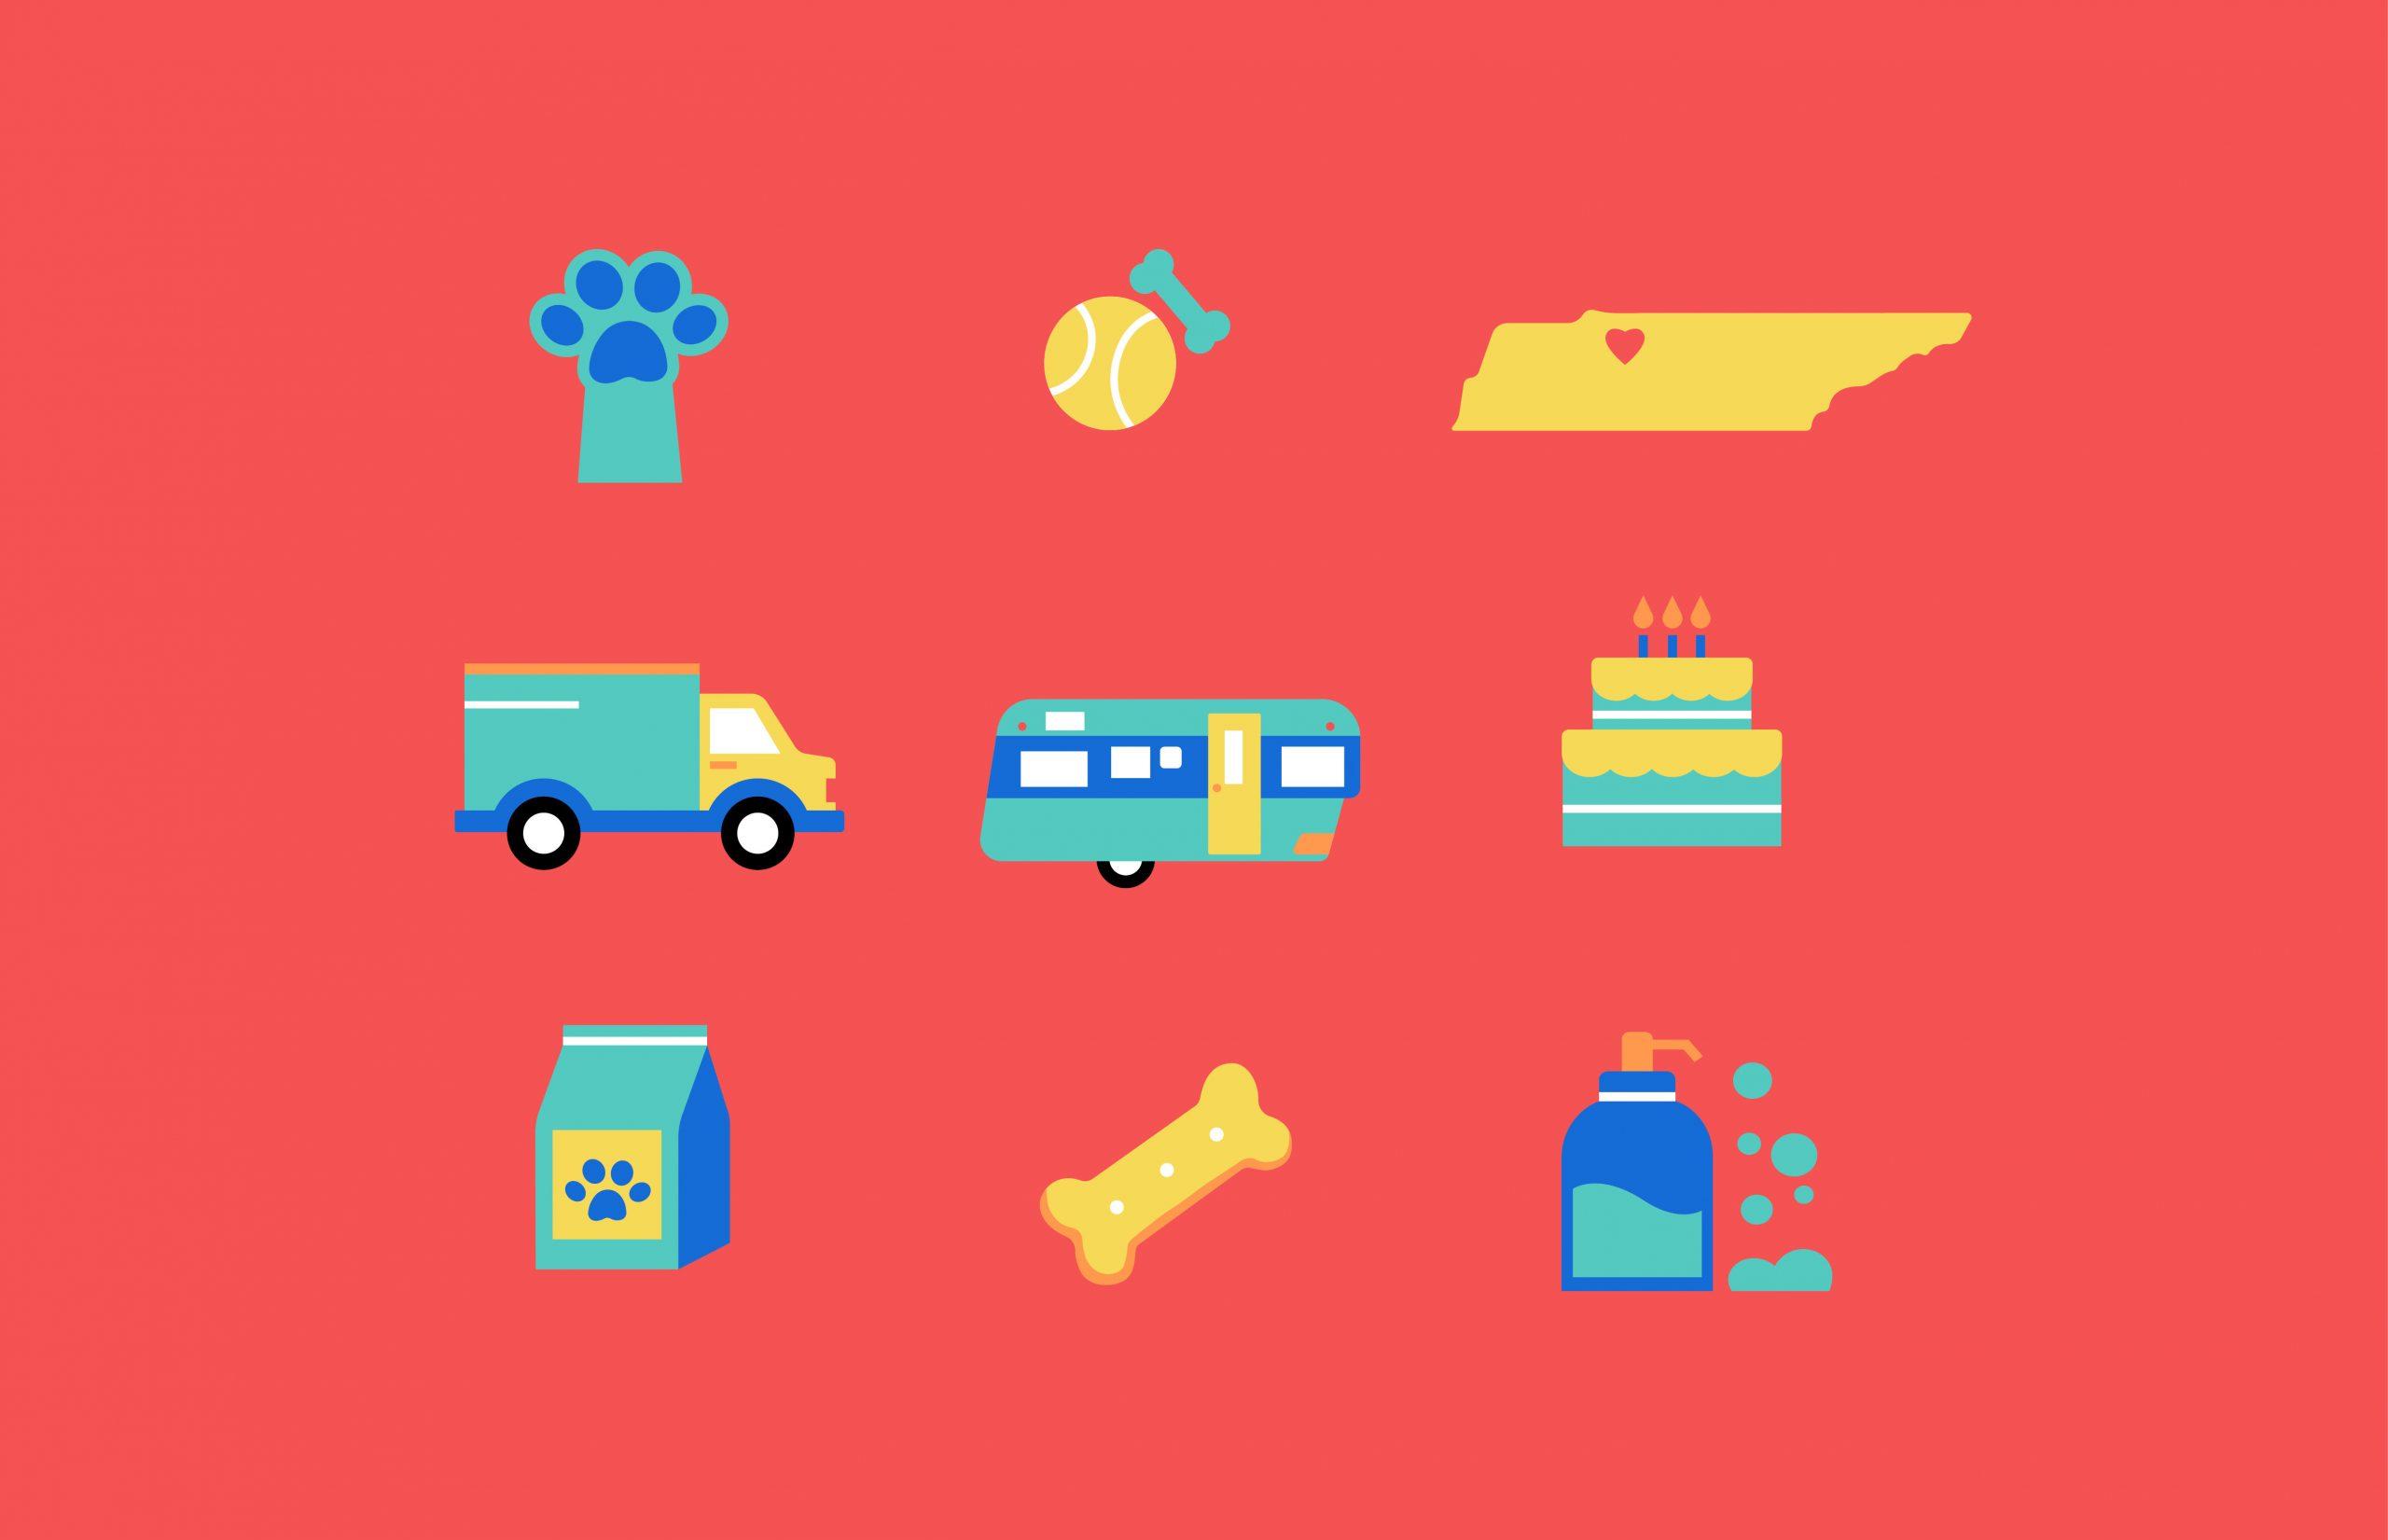 paw icon, pet toys icon, Tennessee icon, truck icon, trailer icon, cake icon, pet food icon, dog bone icon, soap icon